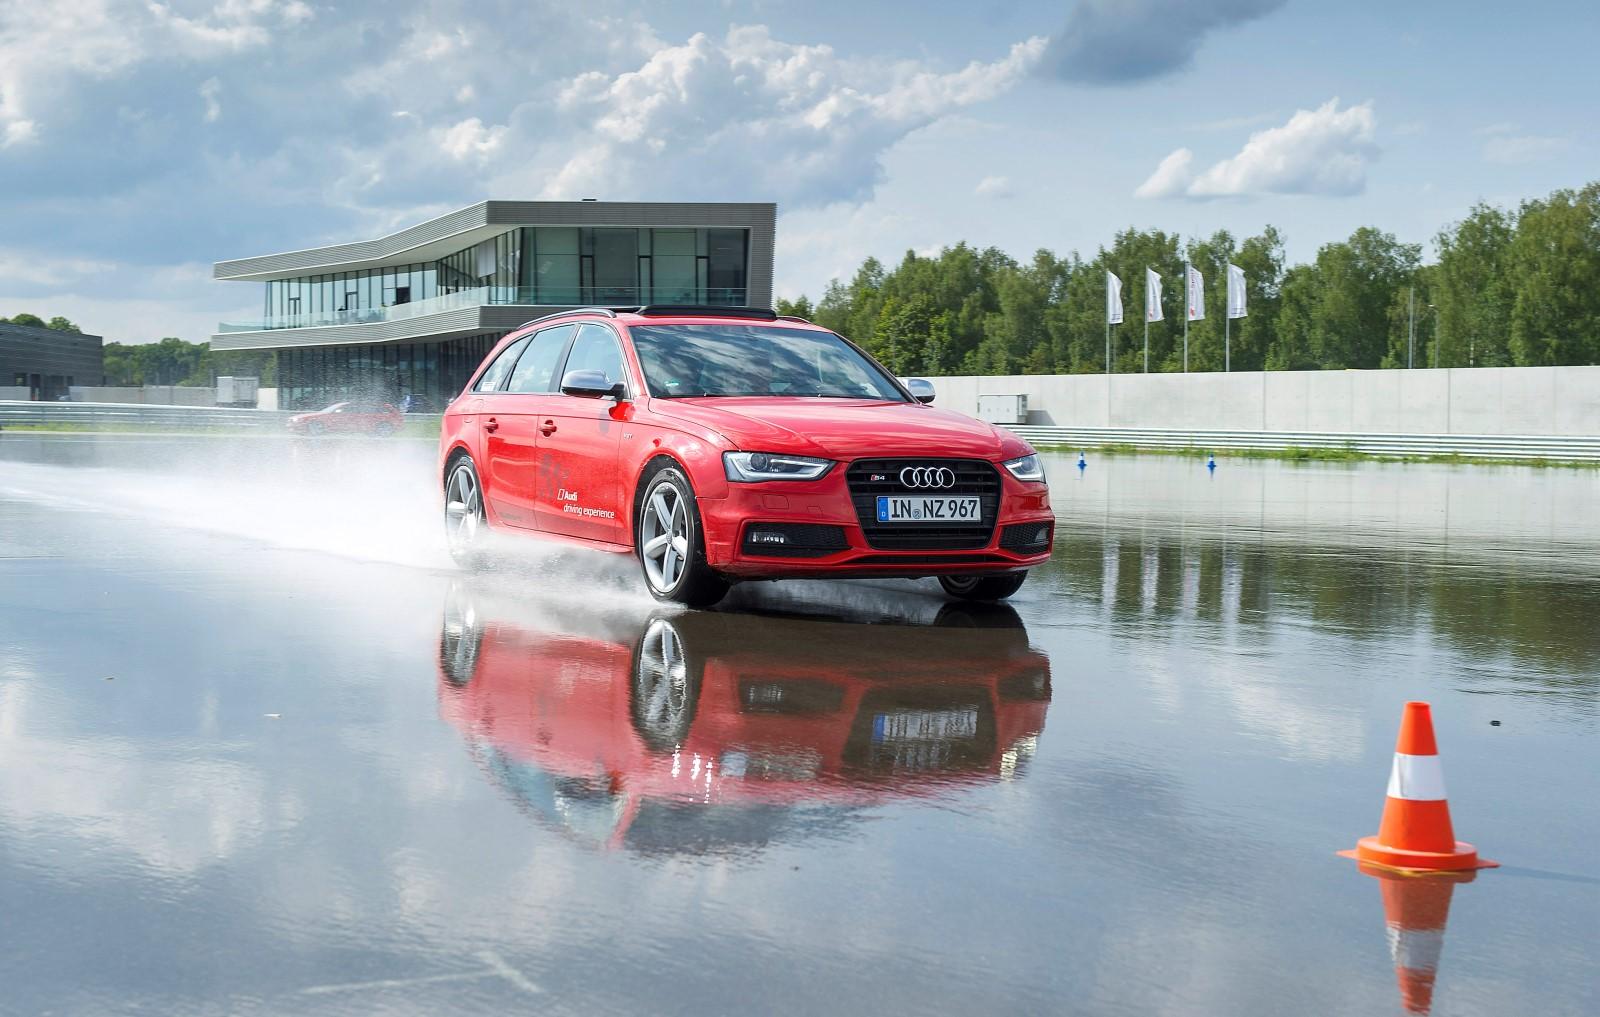 Kelebihan Kekurangan Audi Driving Experience Harga